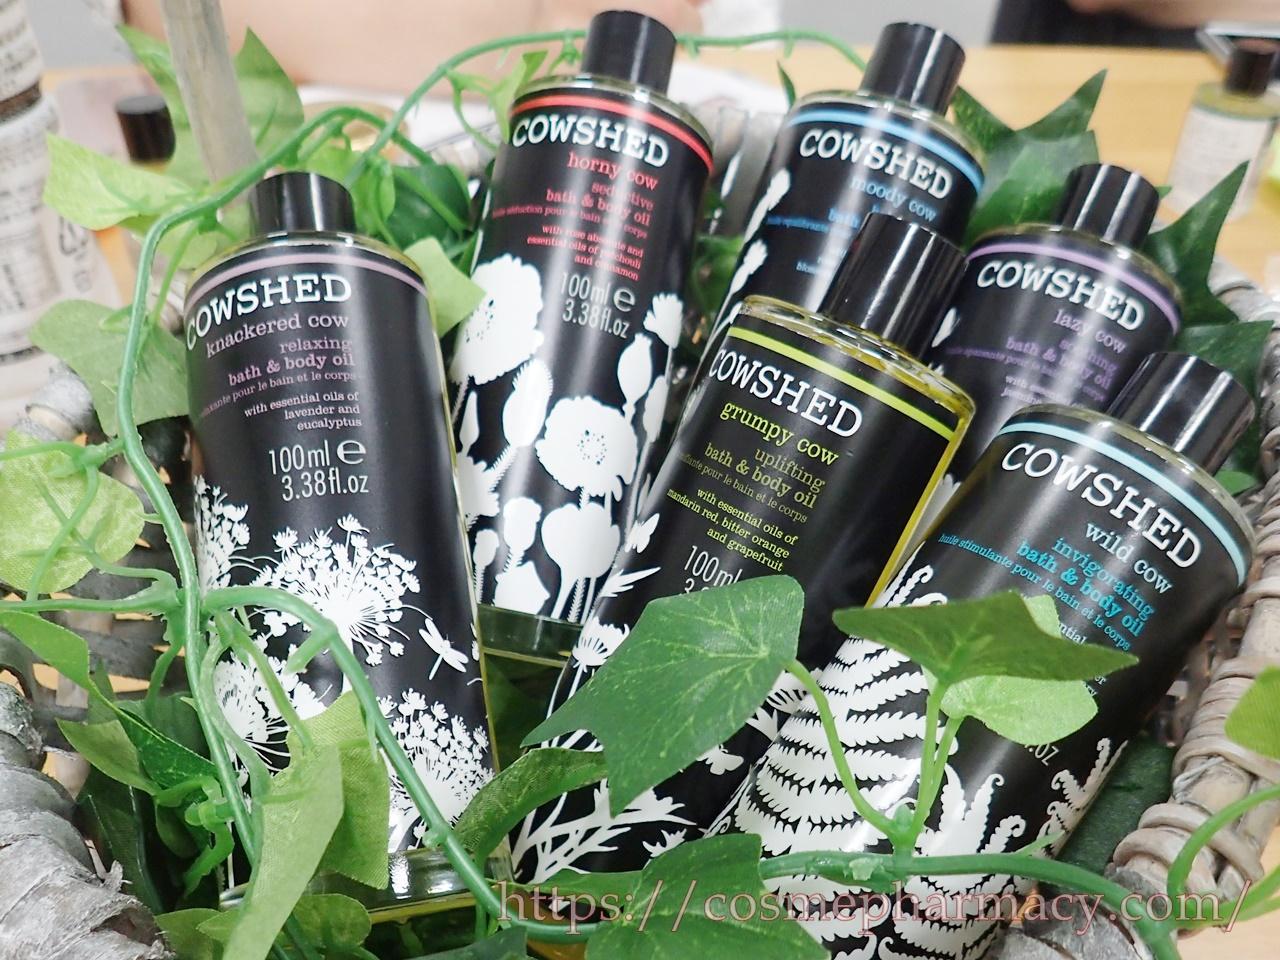 カウシェッド「バス&ボディオイル」の香りの比較口コミからプチギフトに最適なバスソルトの作り方まで。